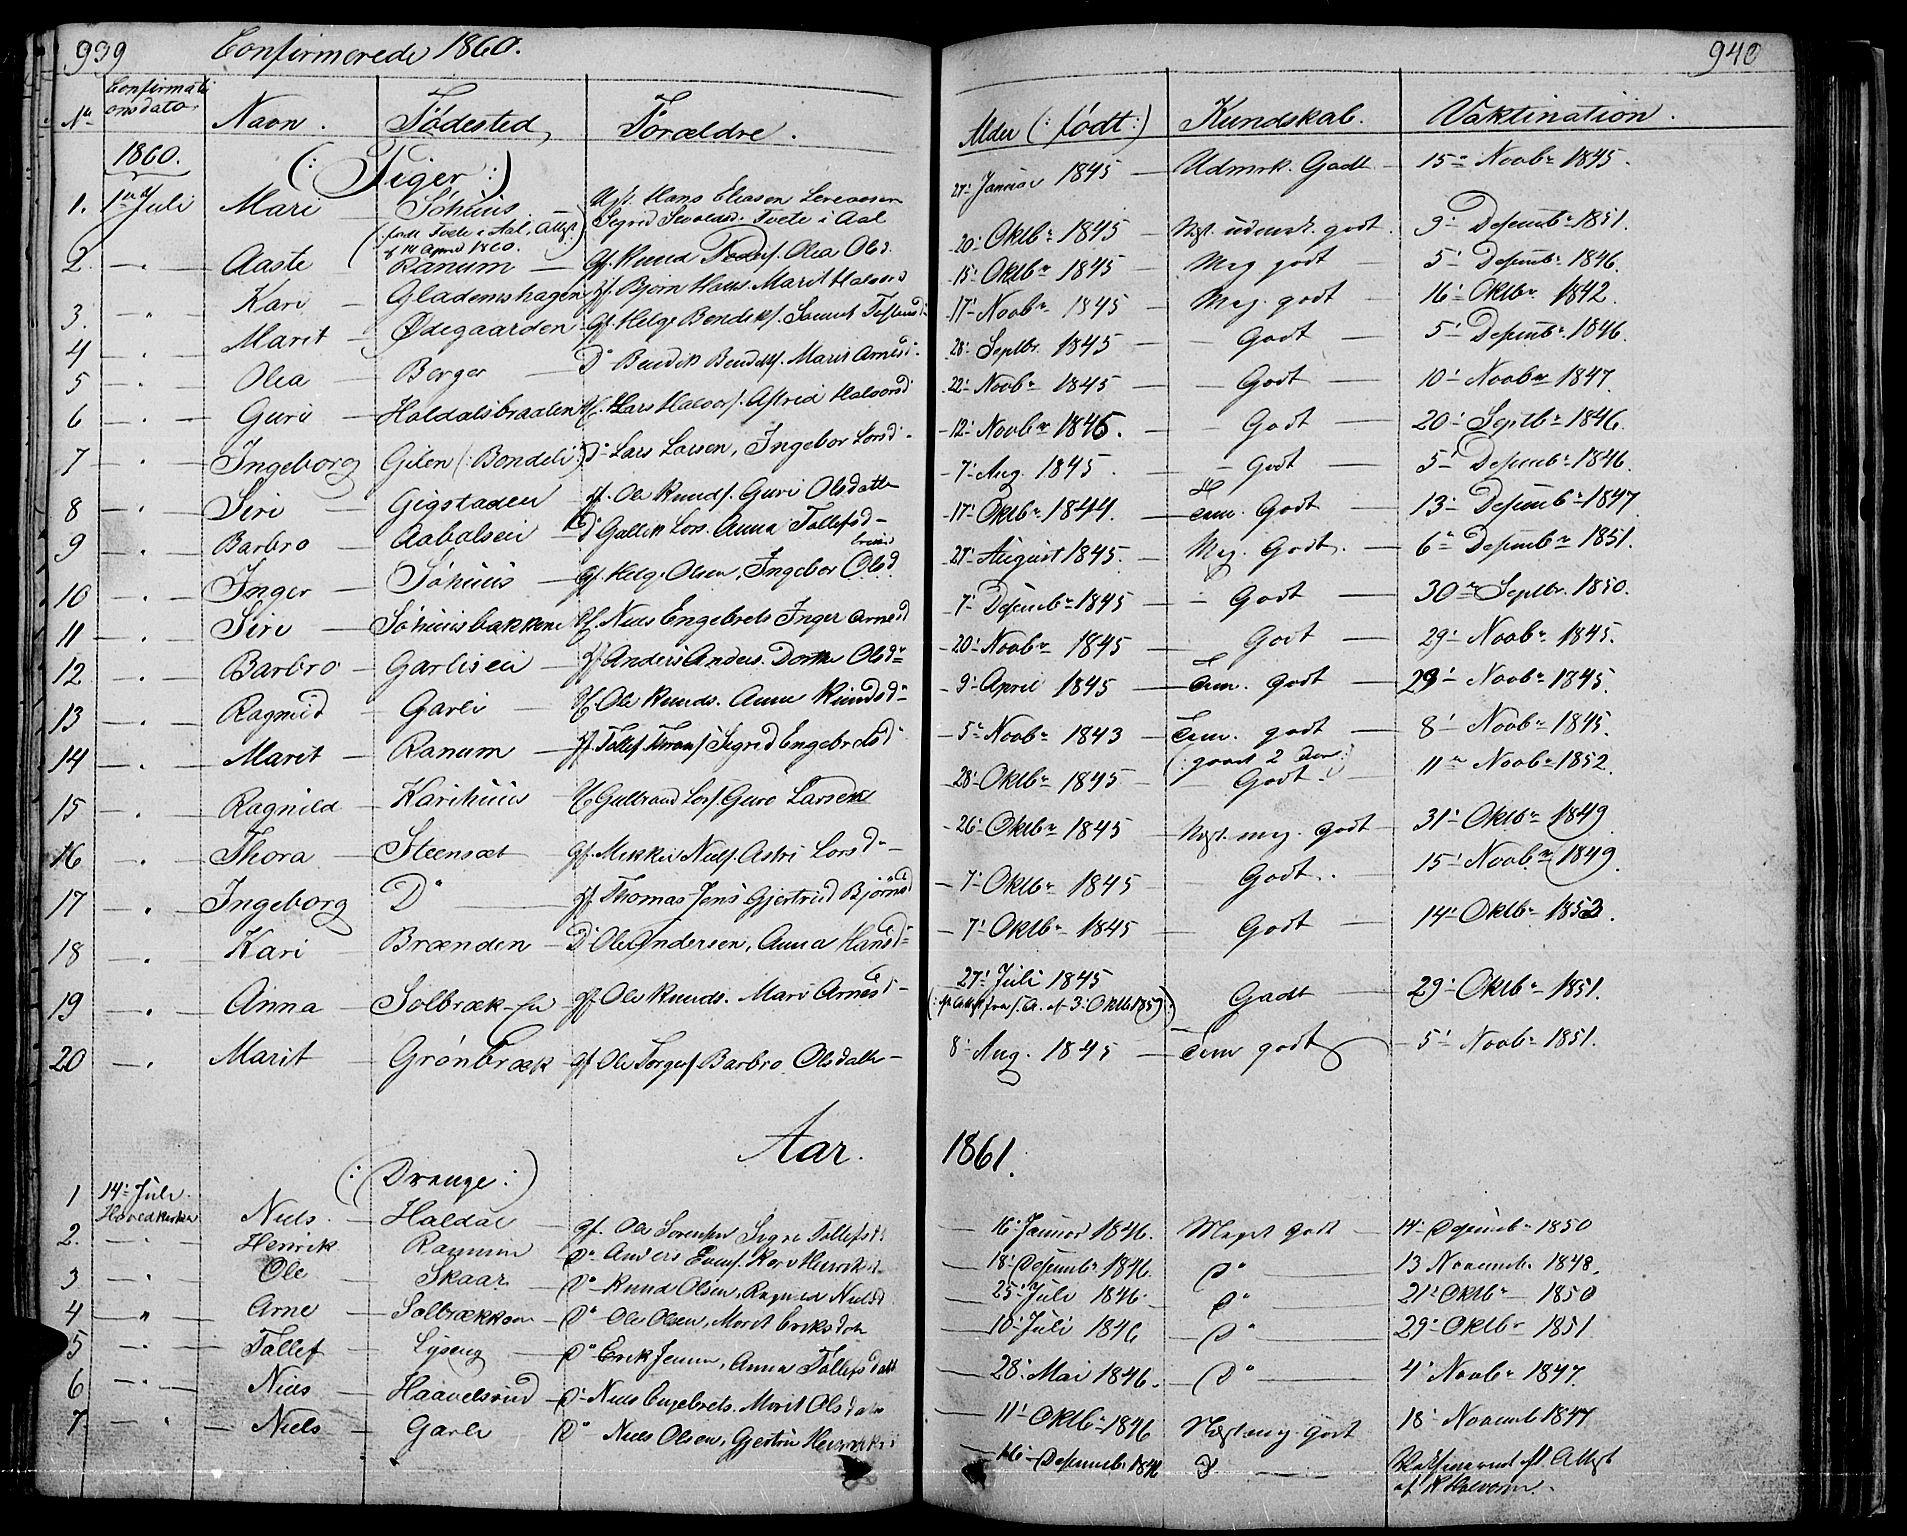 SAH, Nord-Aurdal prestekontor, Klokkerbok nr. 1, 1834-1887, s. 939-940